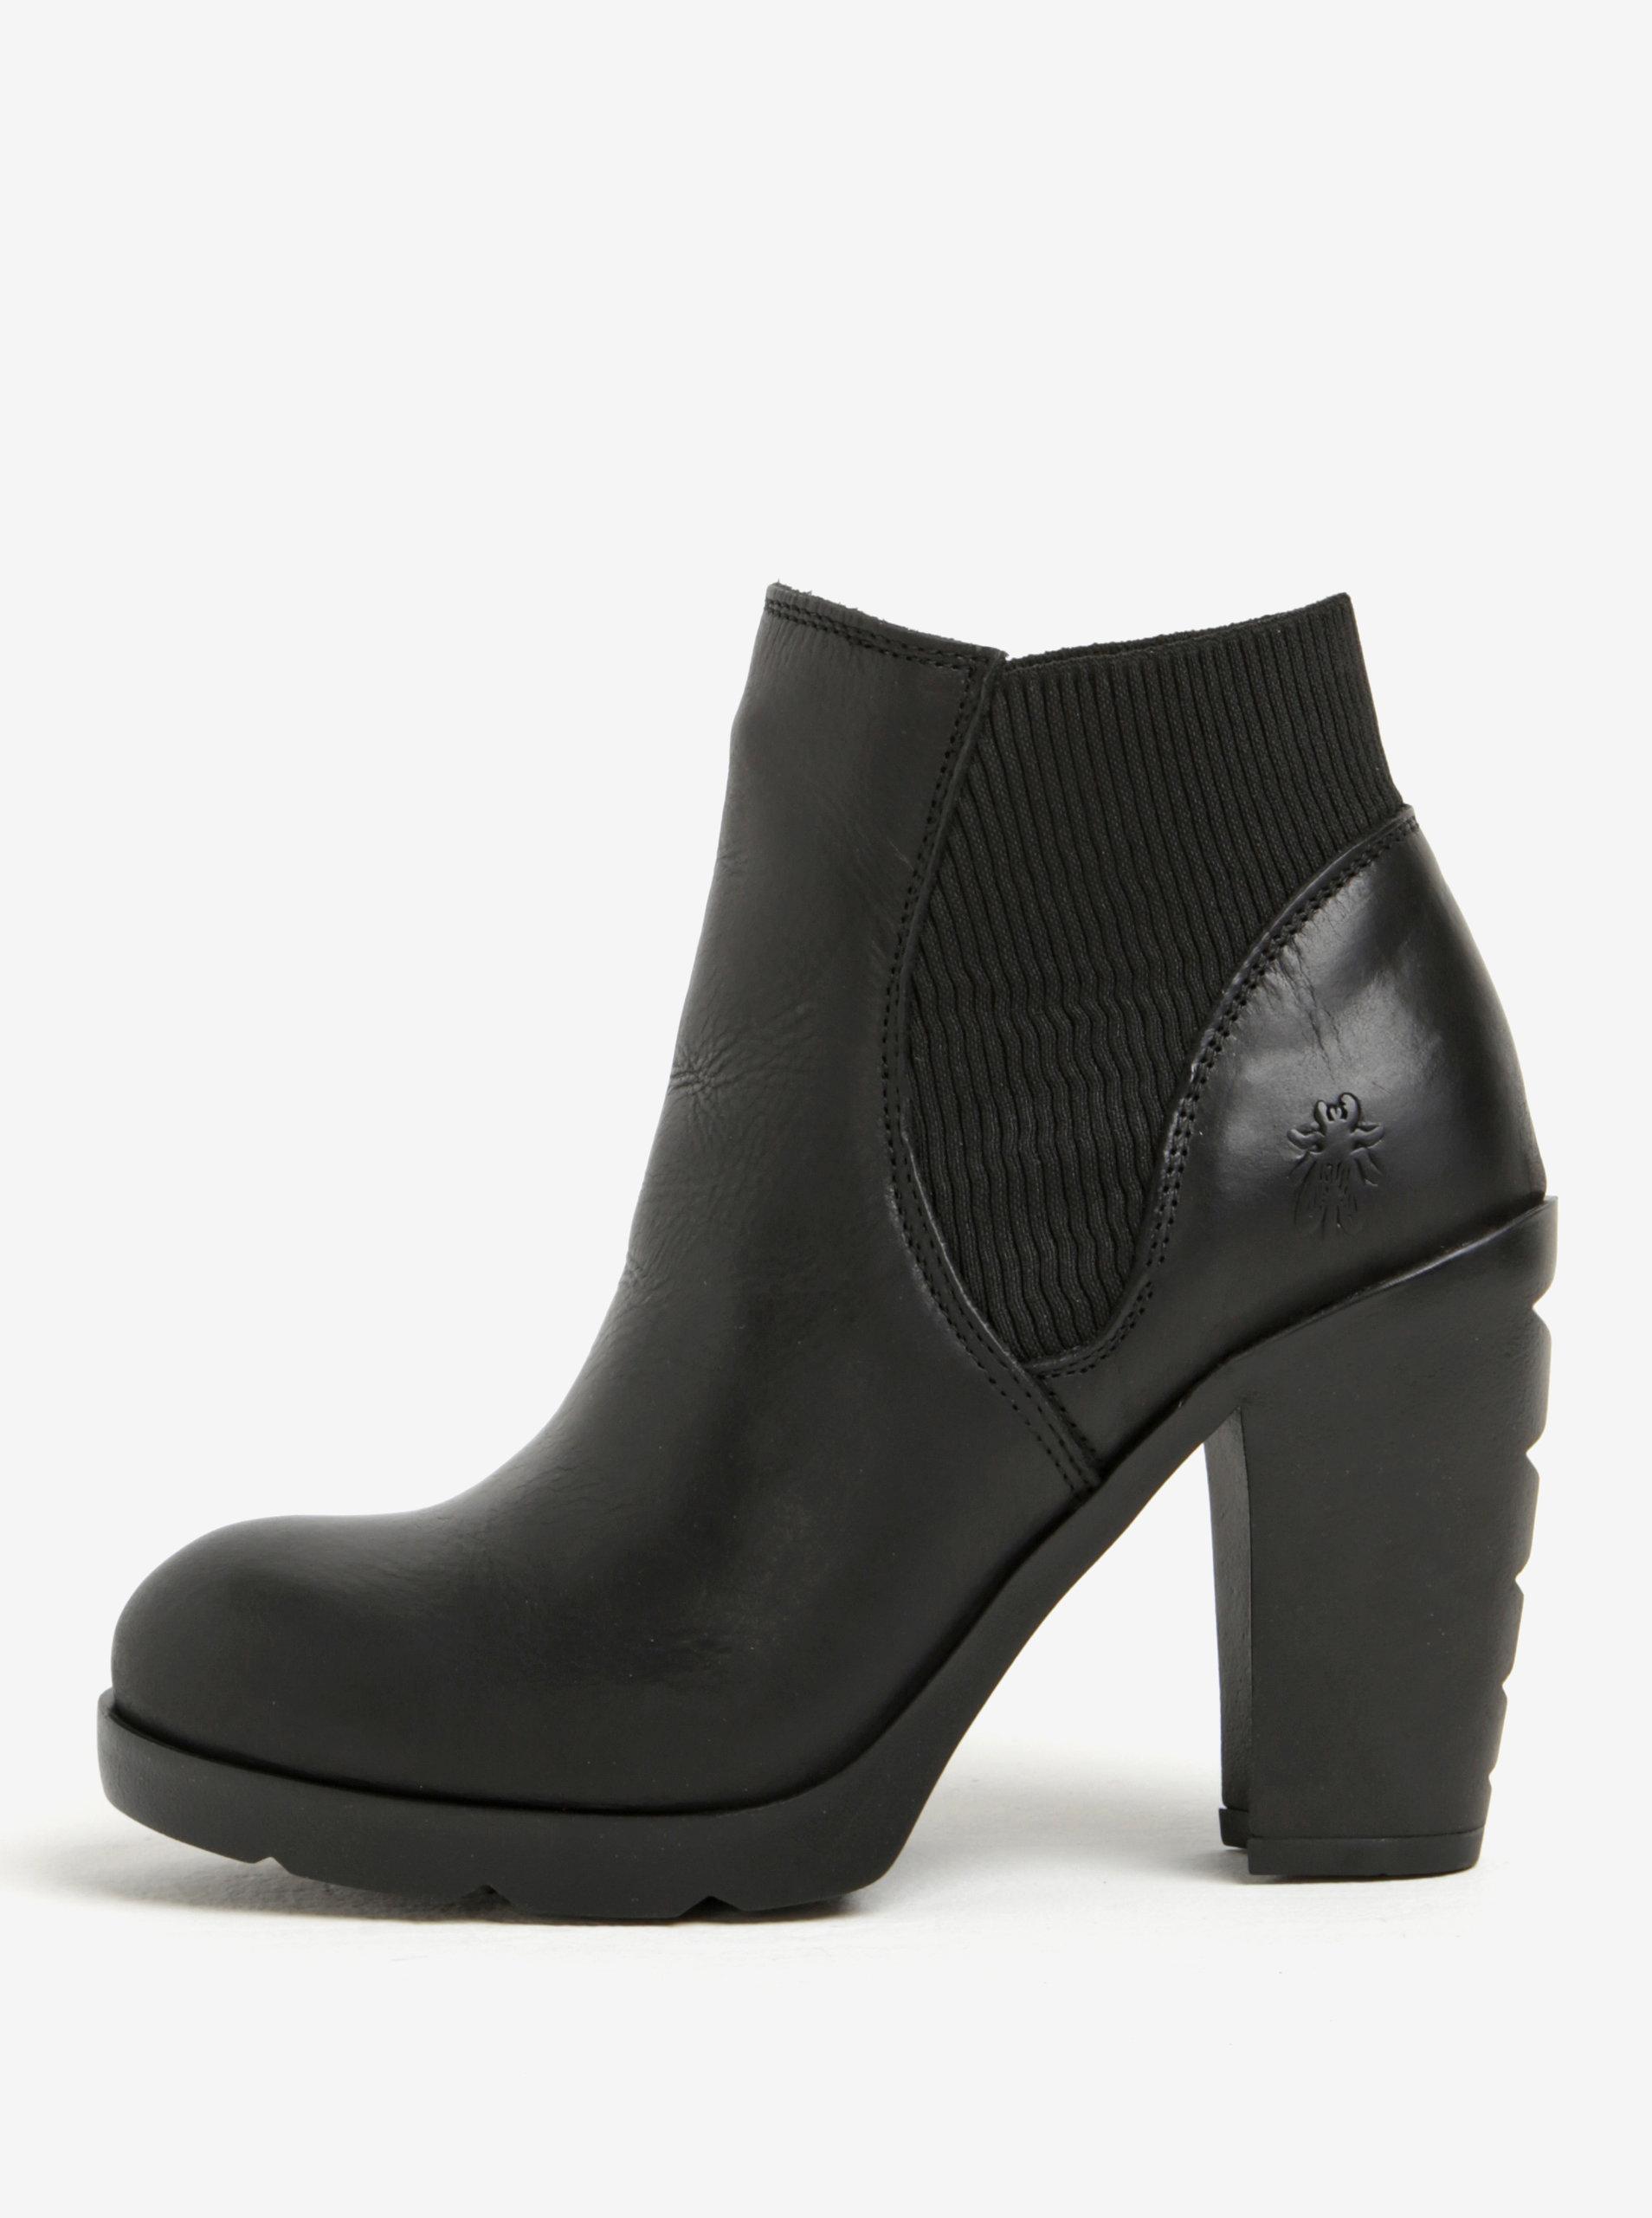 Černé dámské kožené chelsea boty na vysokém podpatku Fly London ... e9132da858